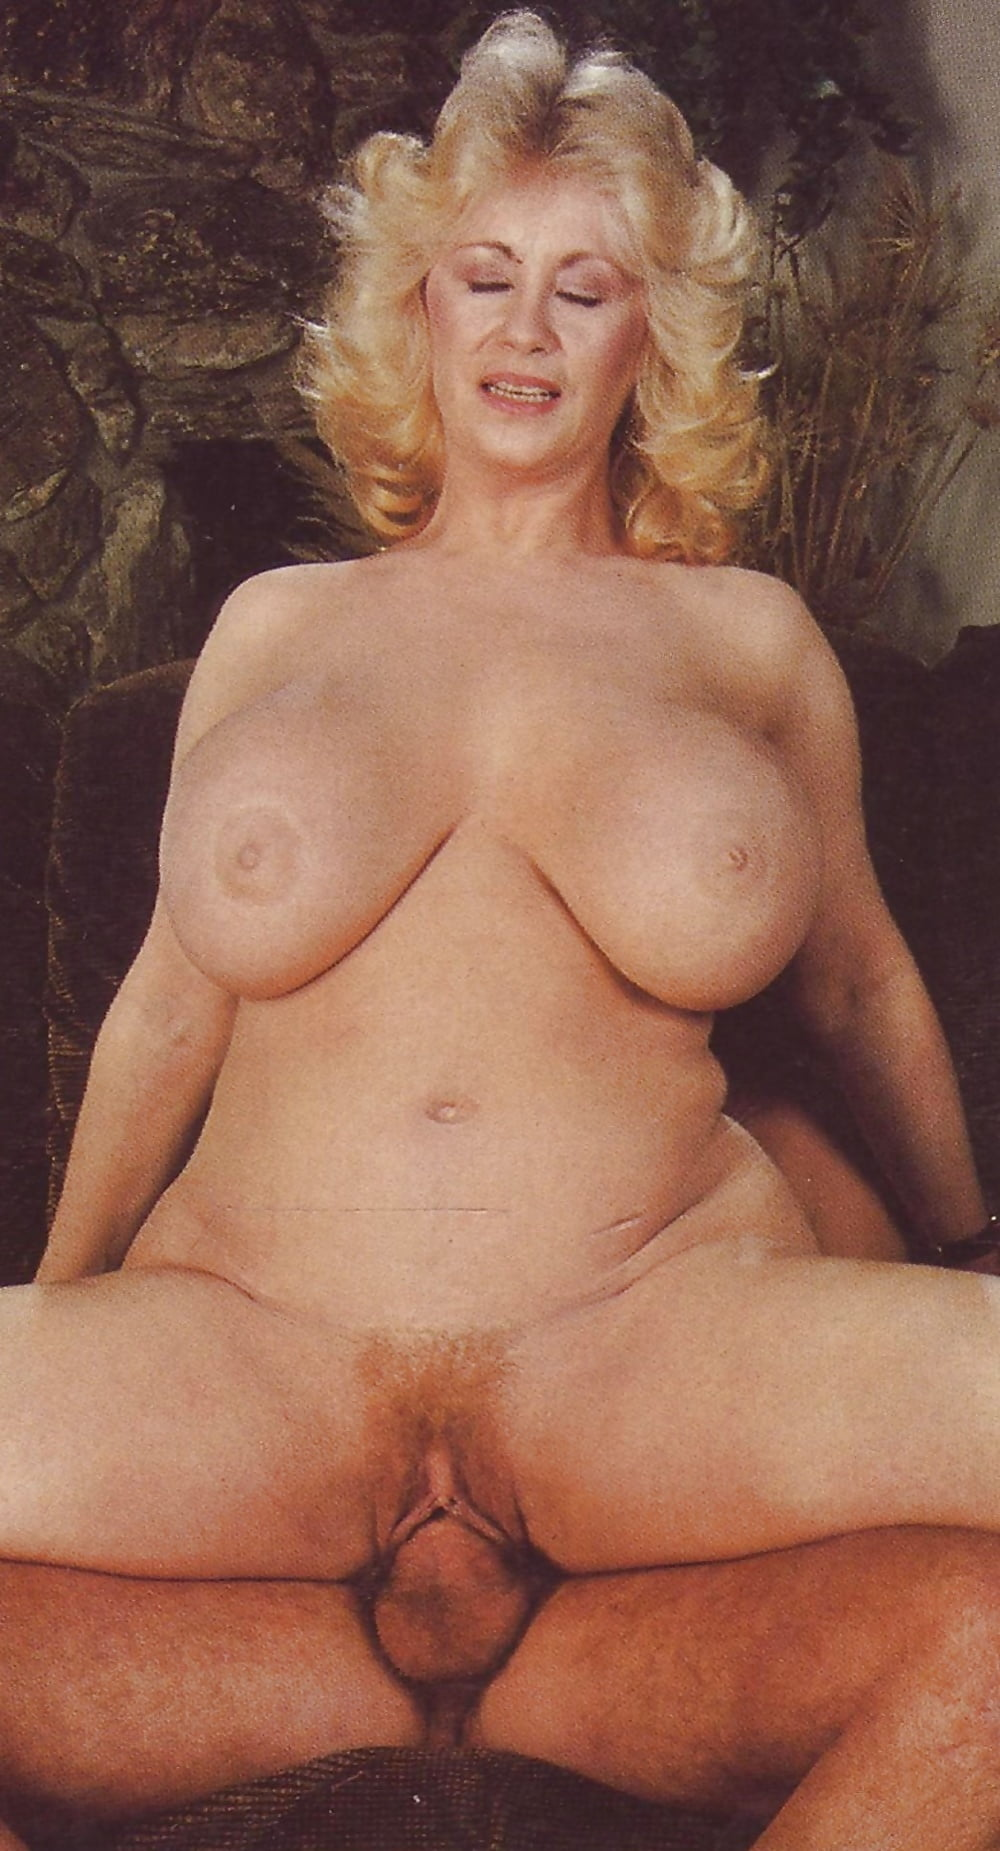 Lotta nude